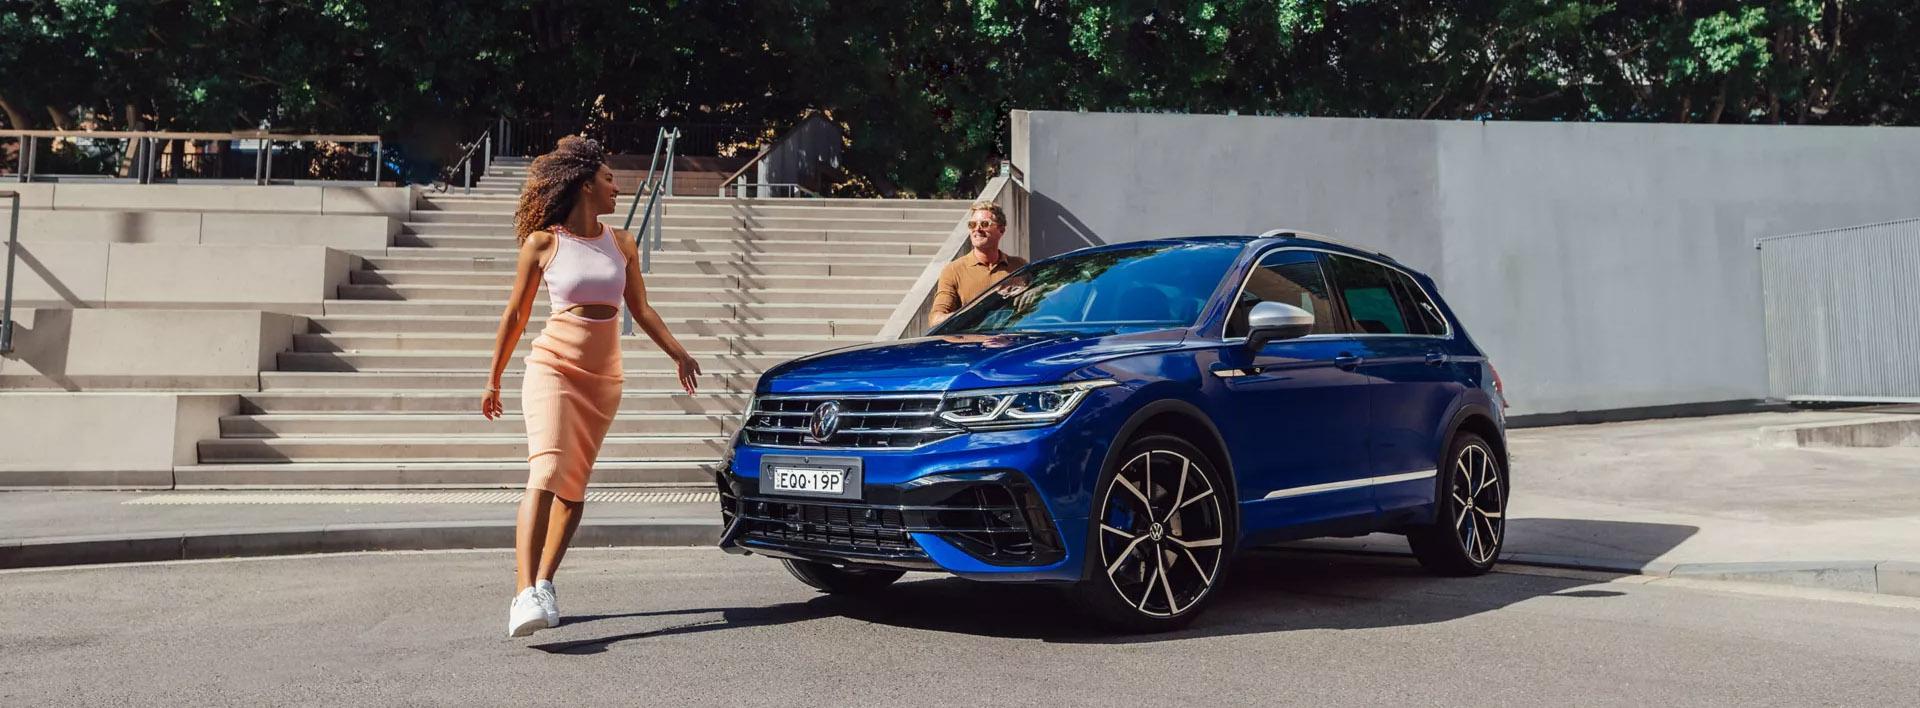 Volkswagen New Cars Range